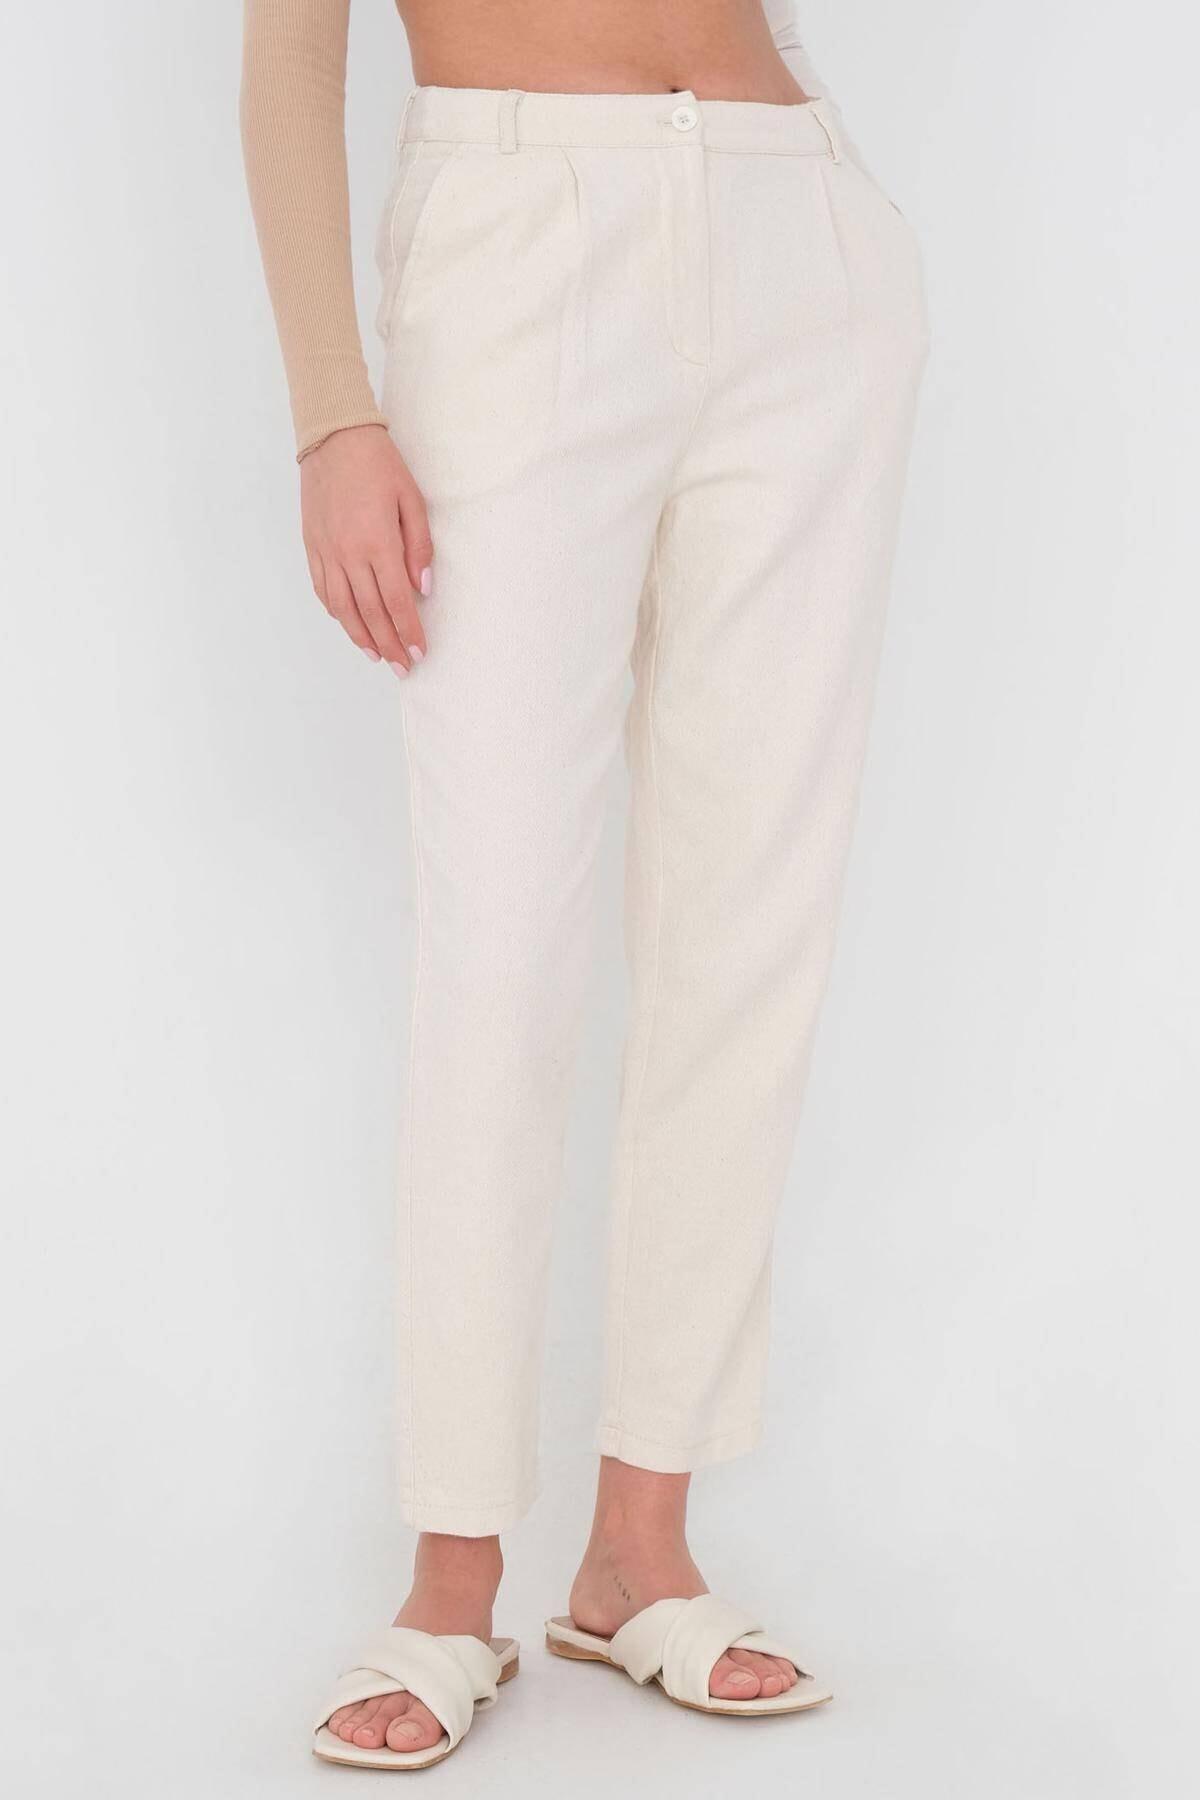 Addax Kadın Taş Cep Detaylı Pantolon Pn03-0045 - K12 Adx-0000024274 0